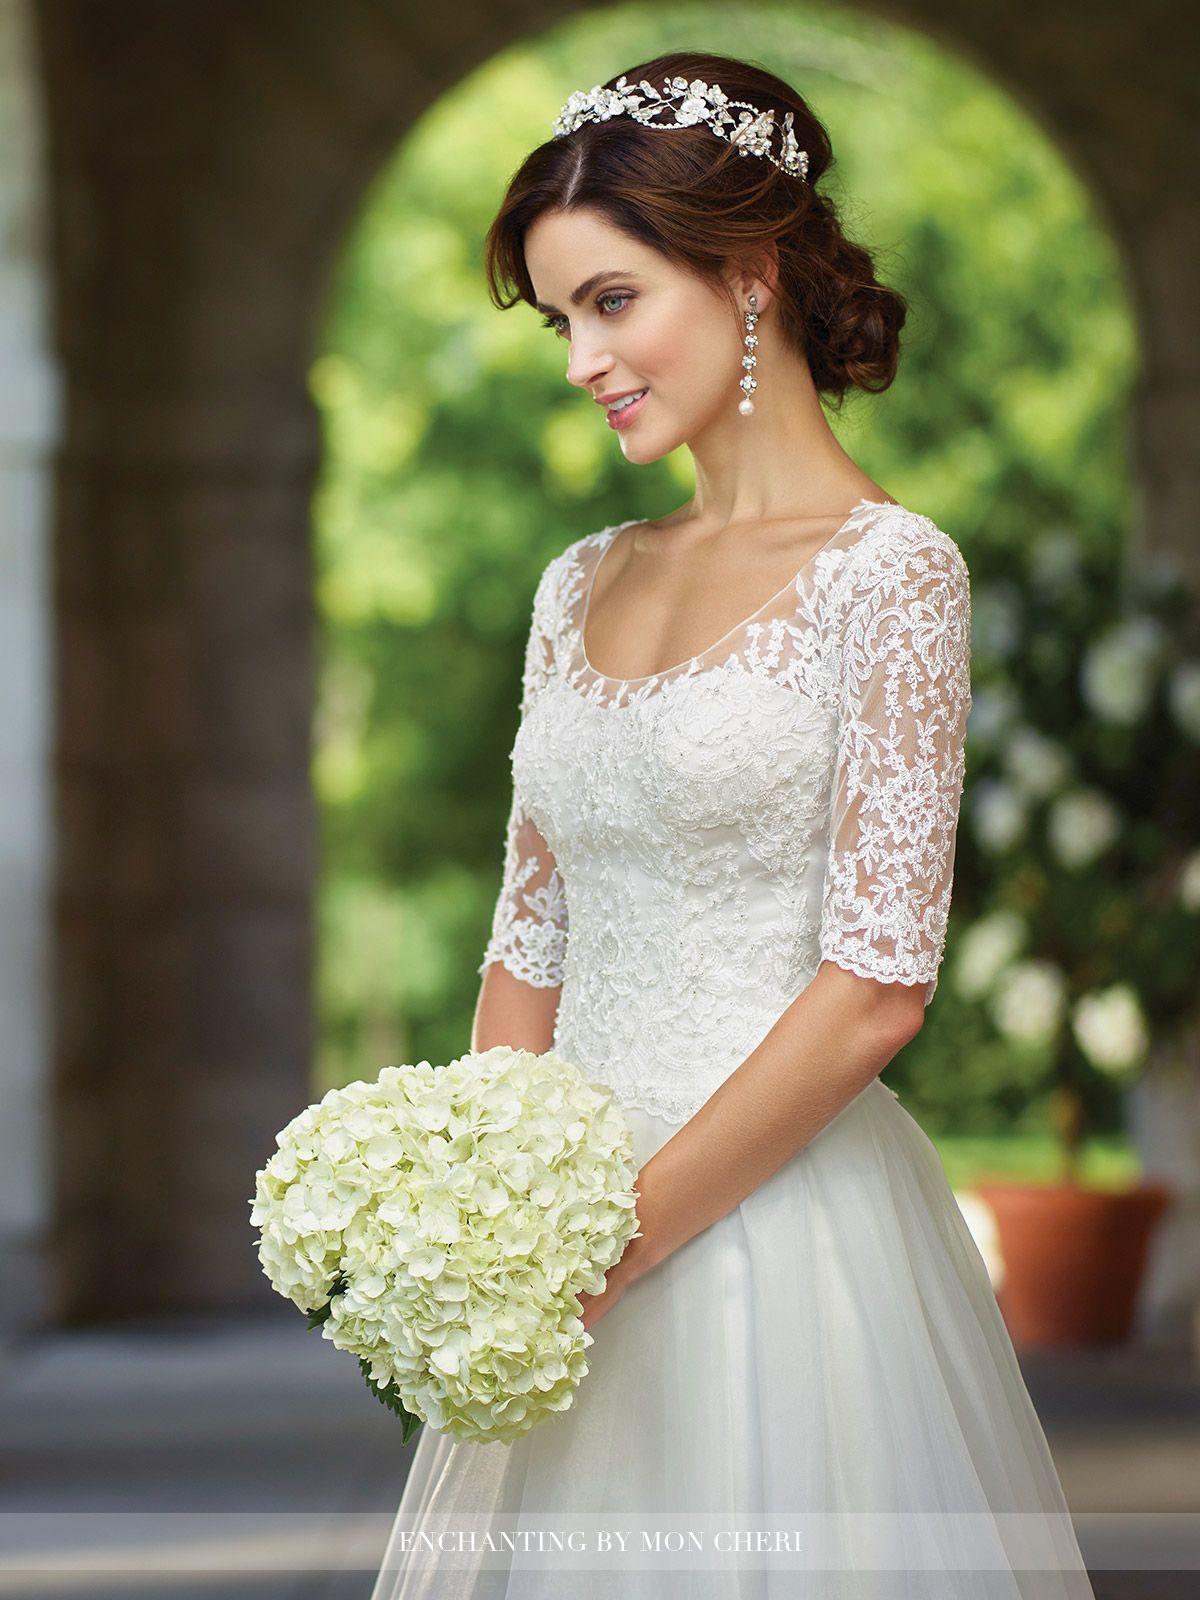 Moderne Brautkleider 2019 von Mon Cheri | Kleider hochzeit ...